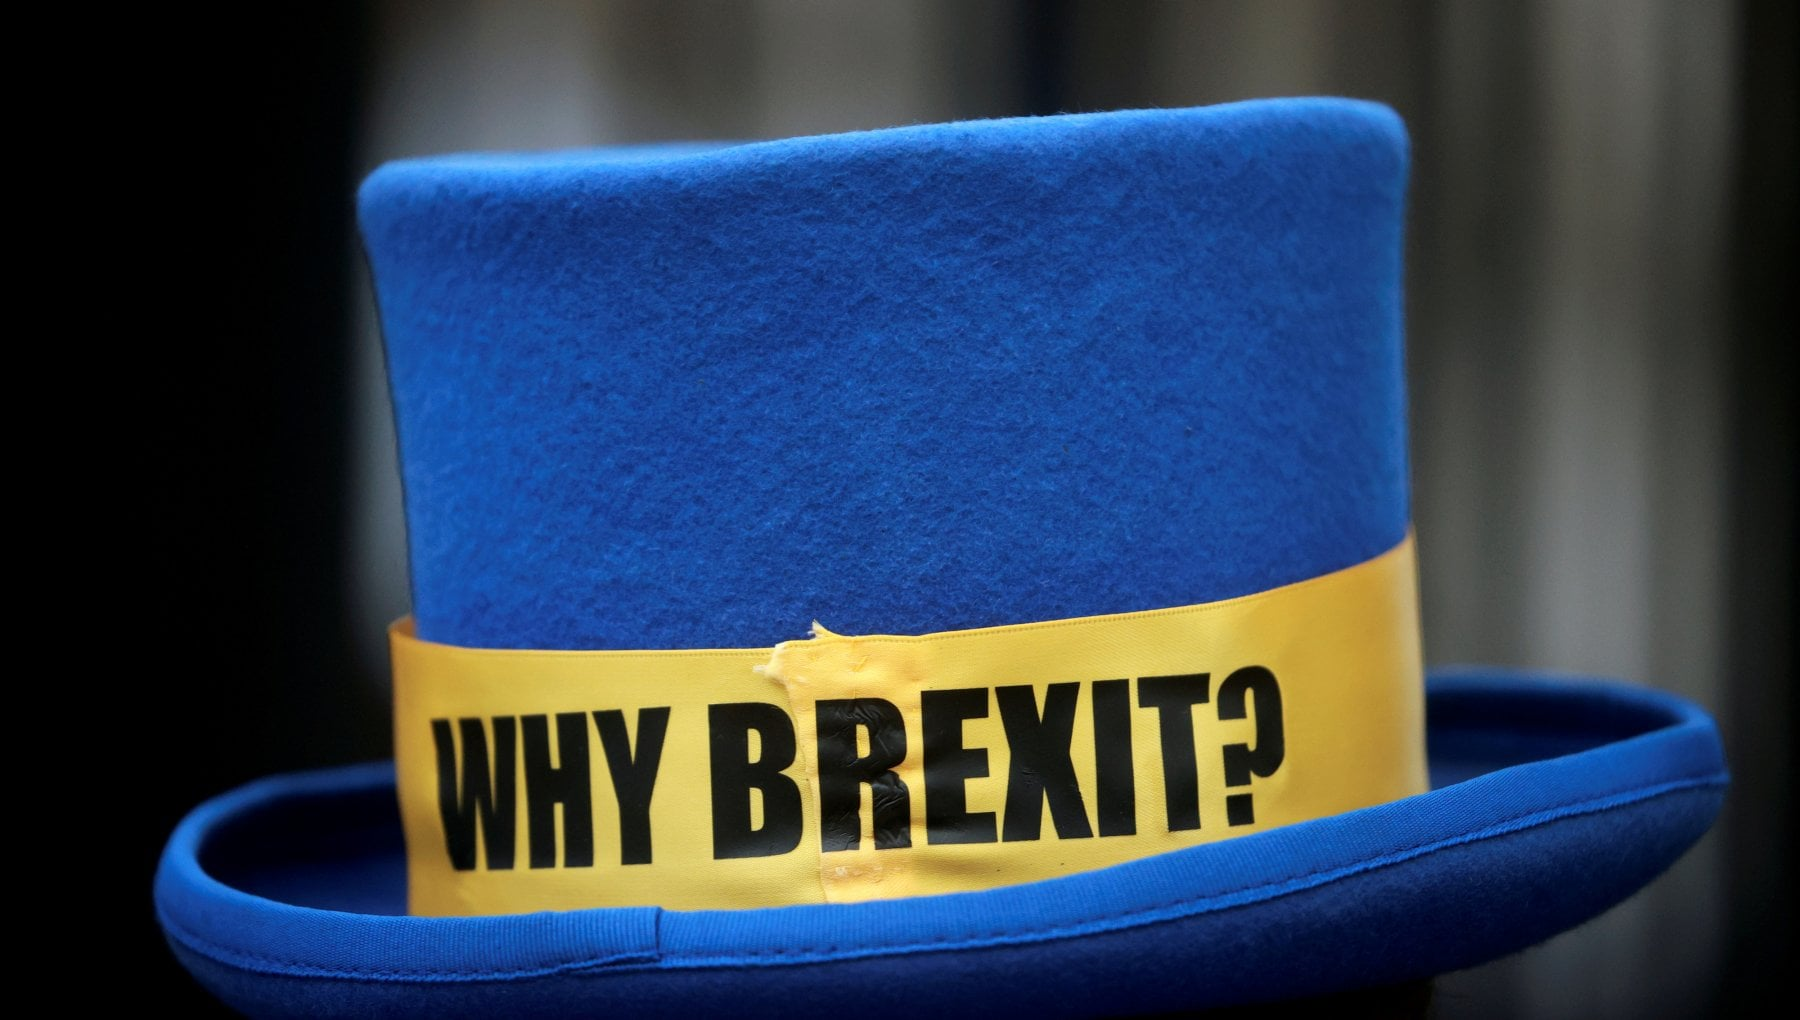 Brexit la guida per prepararsi al meglio turismo lavoro immigrazione tasse sanita e passaporti